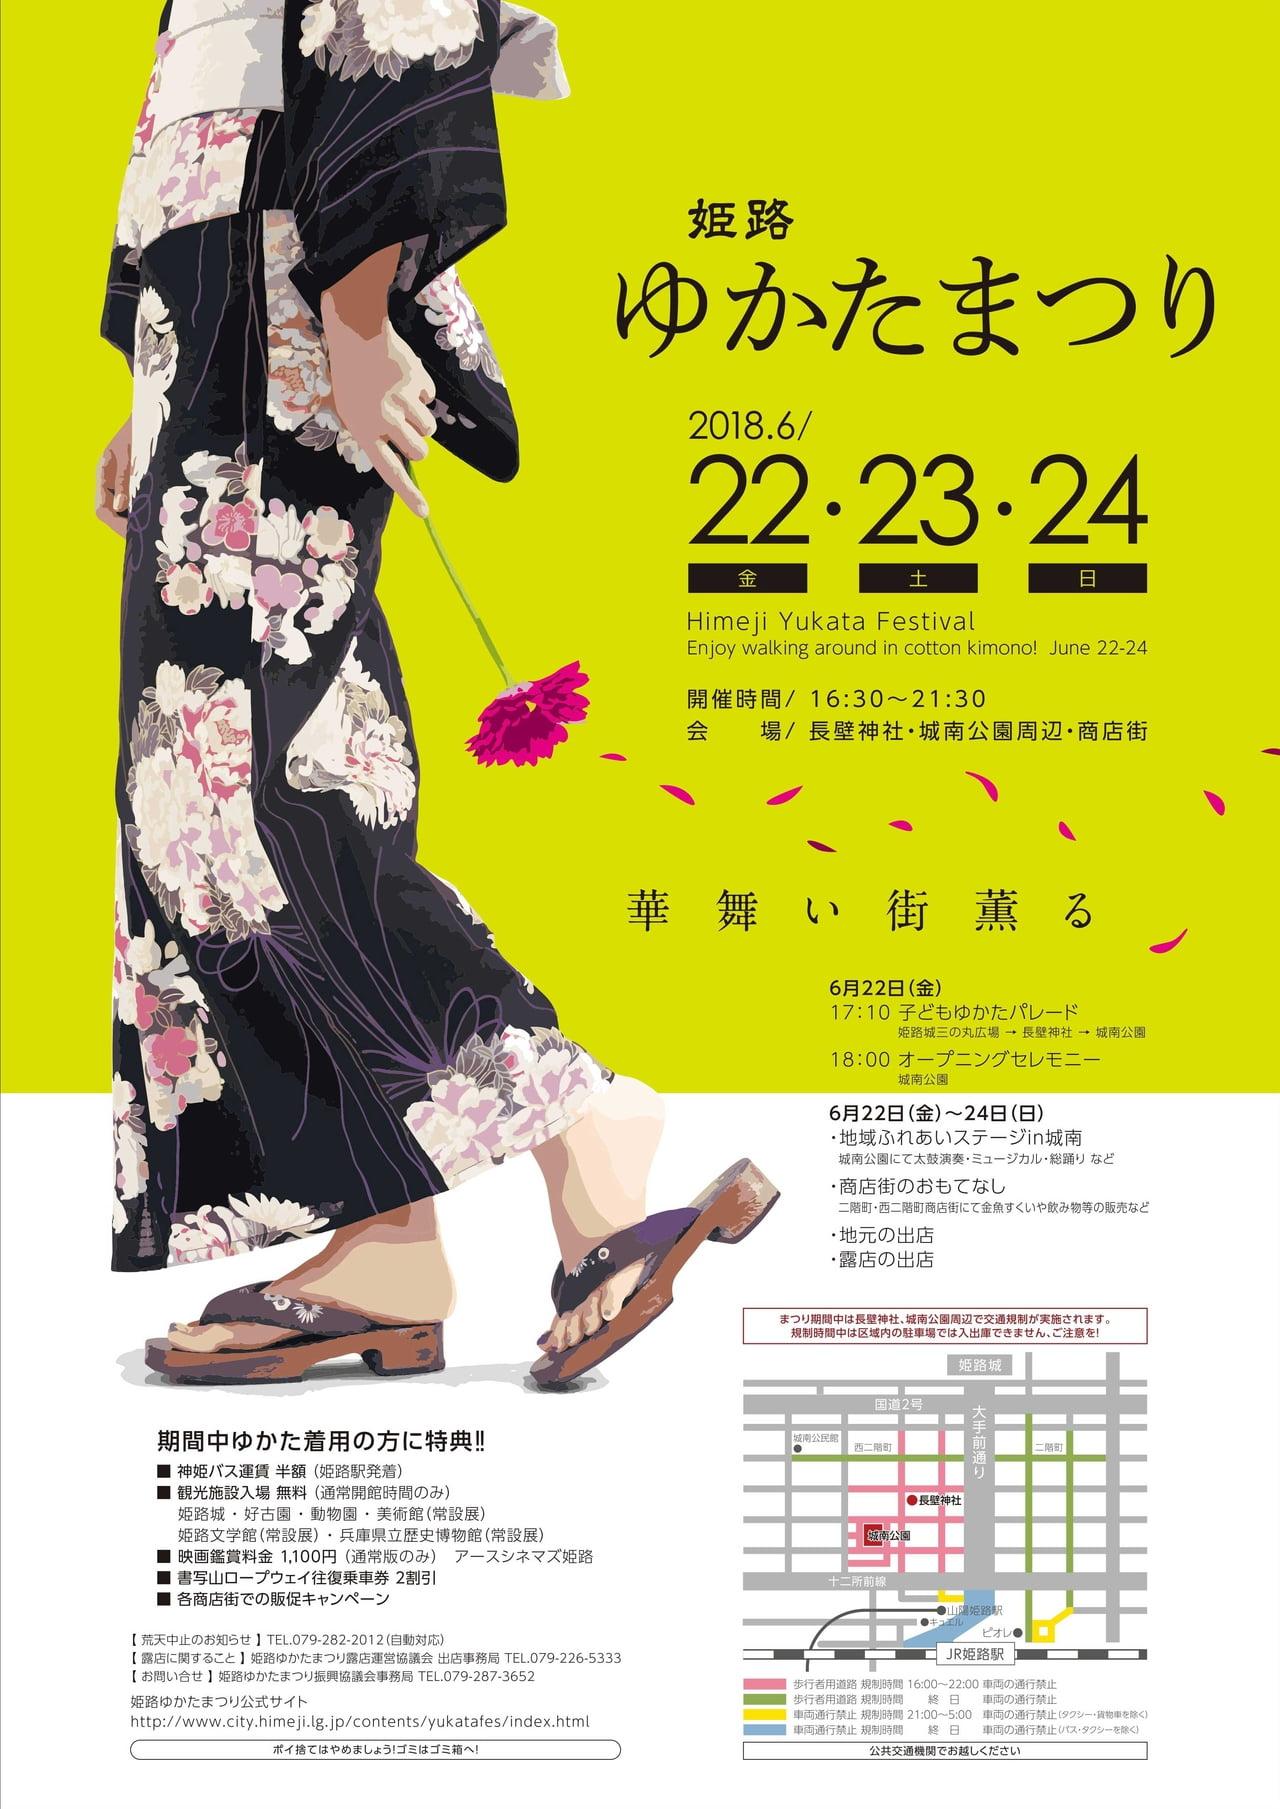 「姫路ゆかたまつり2018」お得な特典情報有り♪6月22日・23日・24日開催!【夏のイベント】